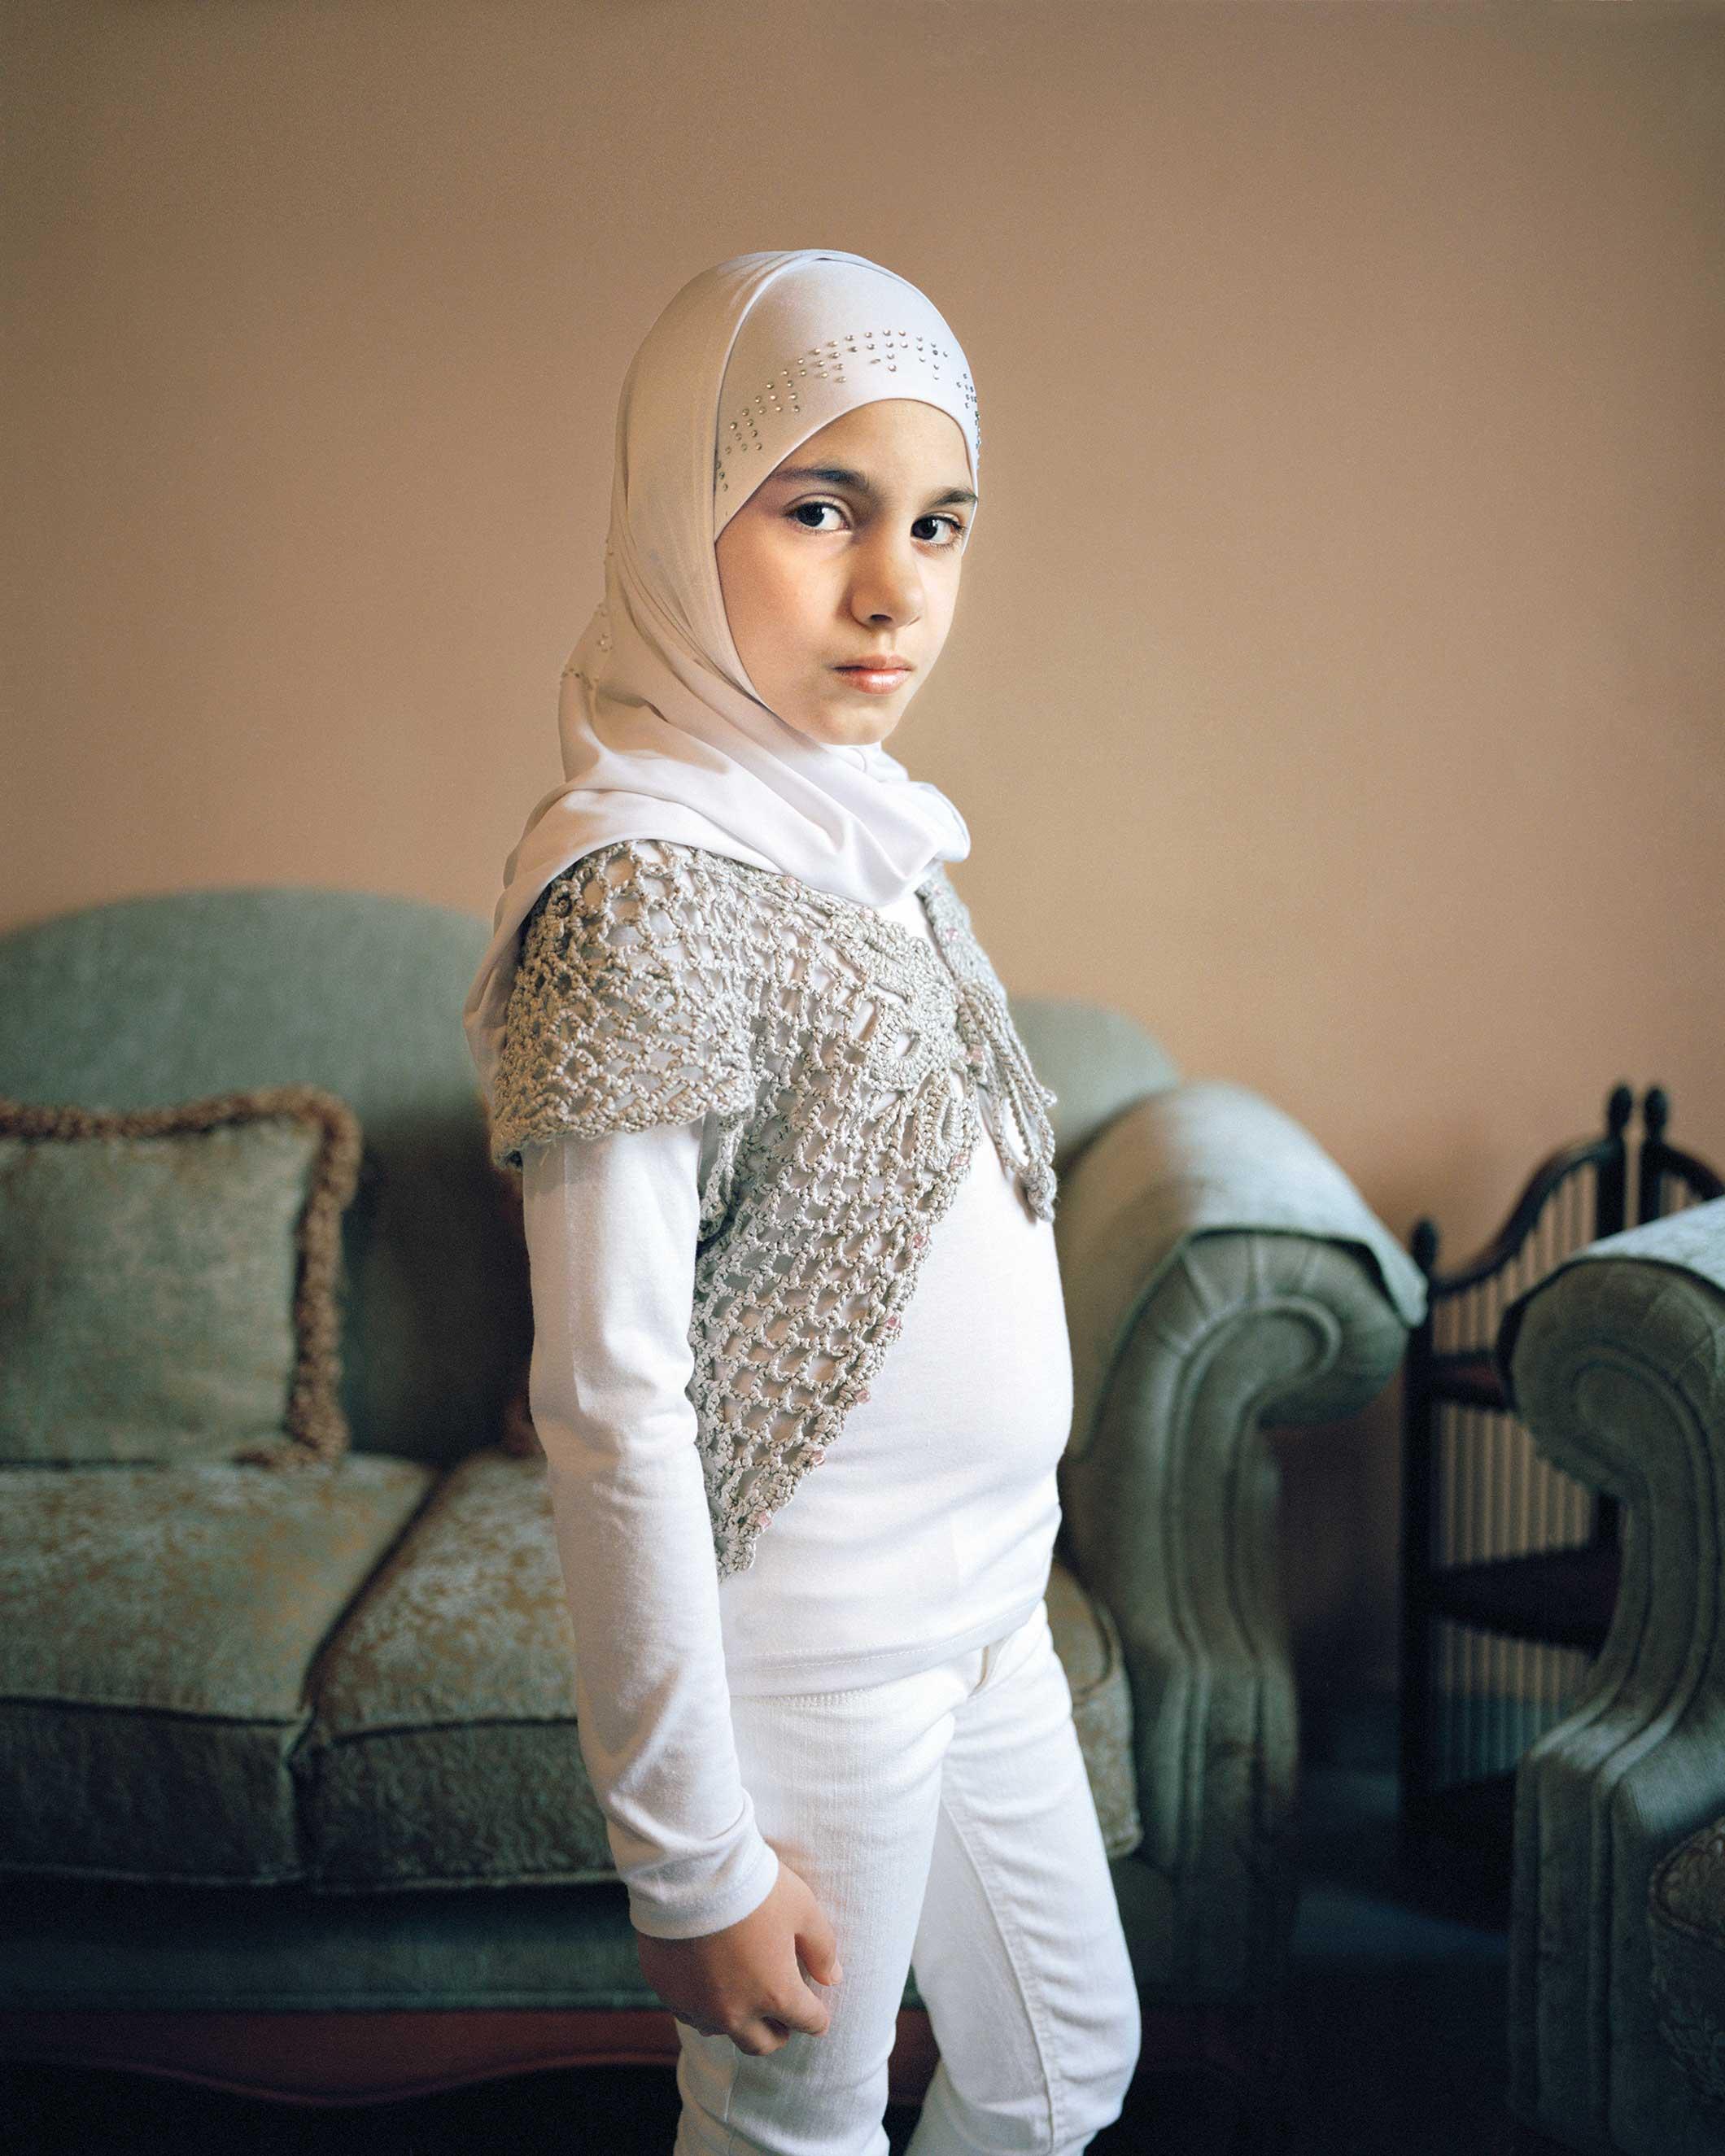 'Maryam 9, Beirut Lebanon, 2011' in the series, L'Enfant-Femme.